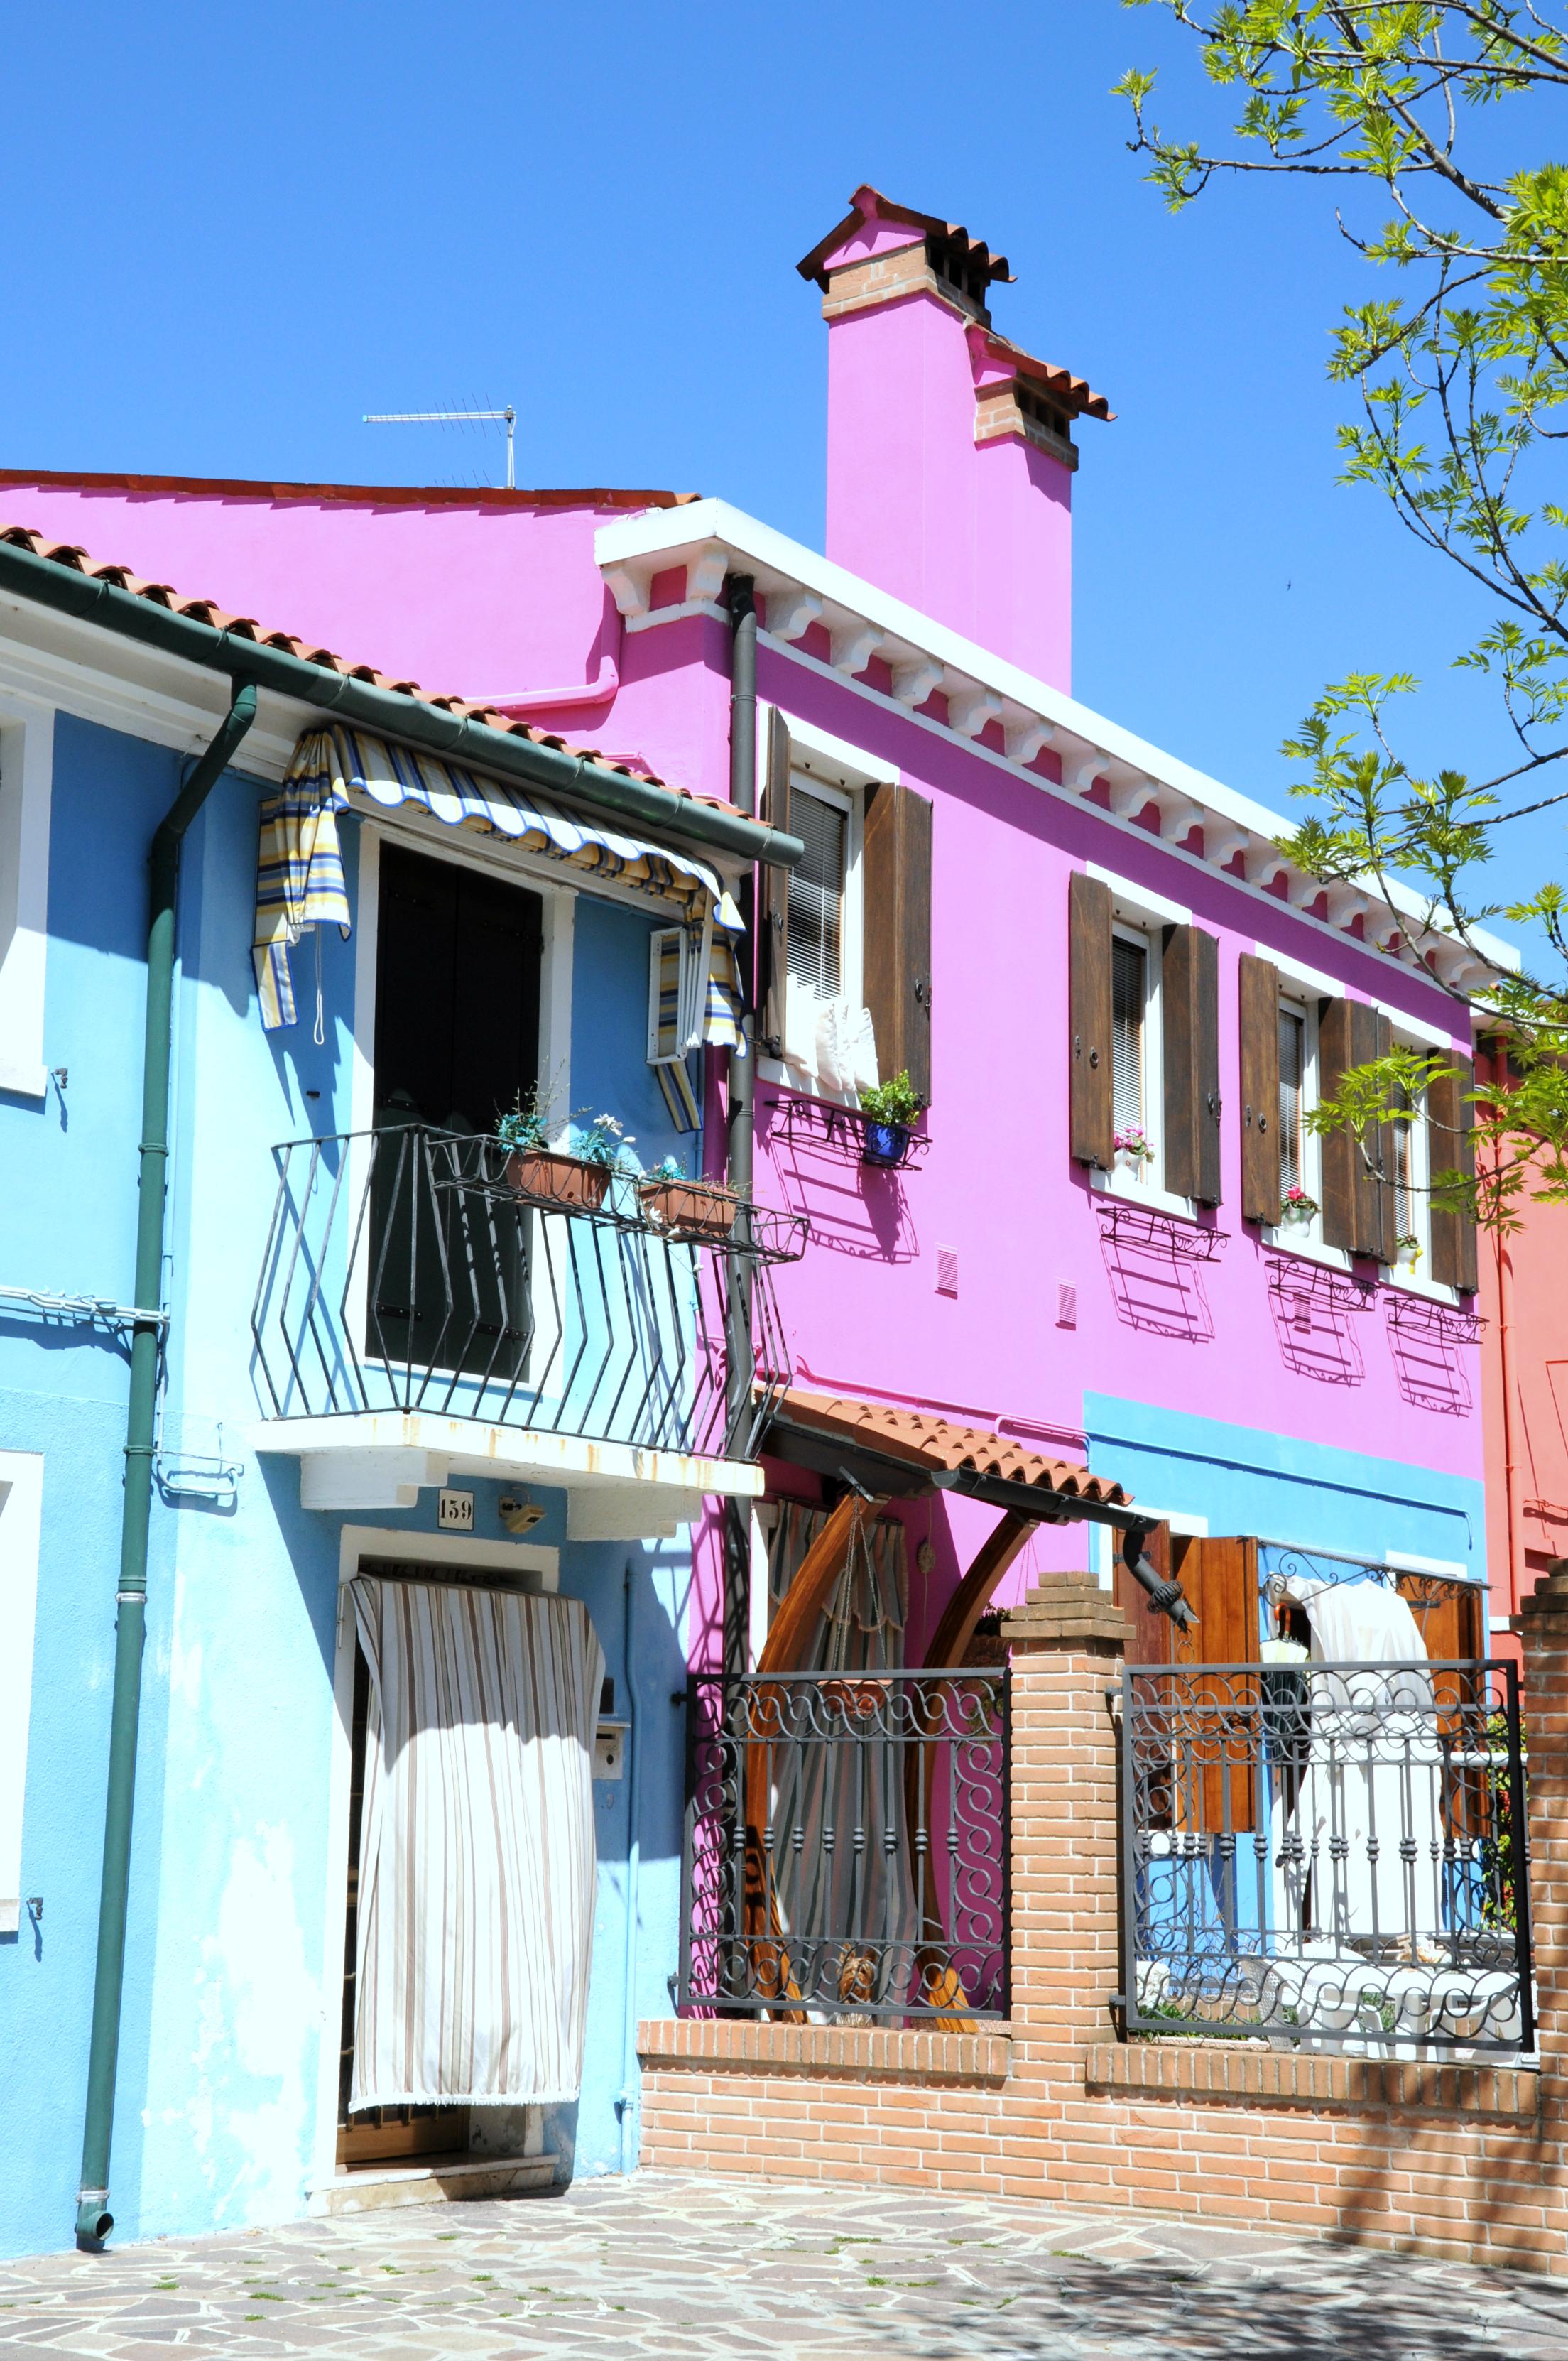 Burano's technicolor houses